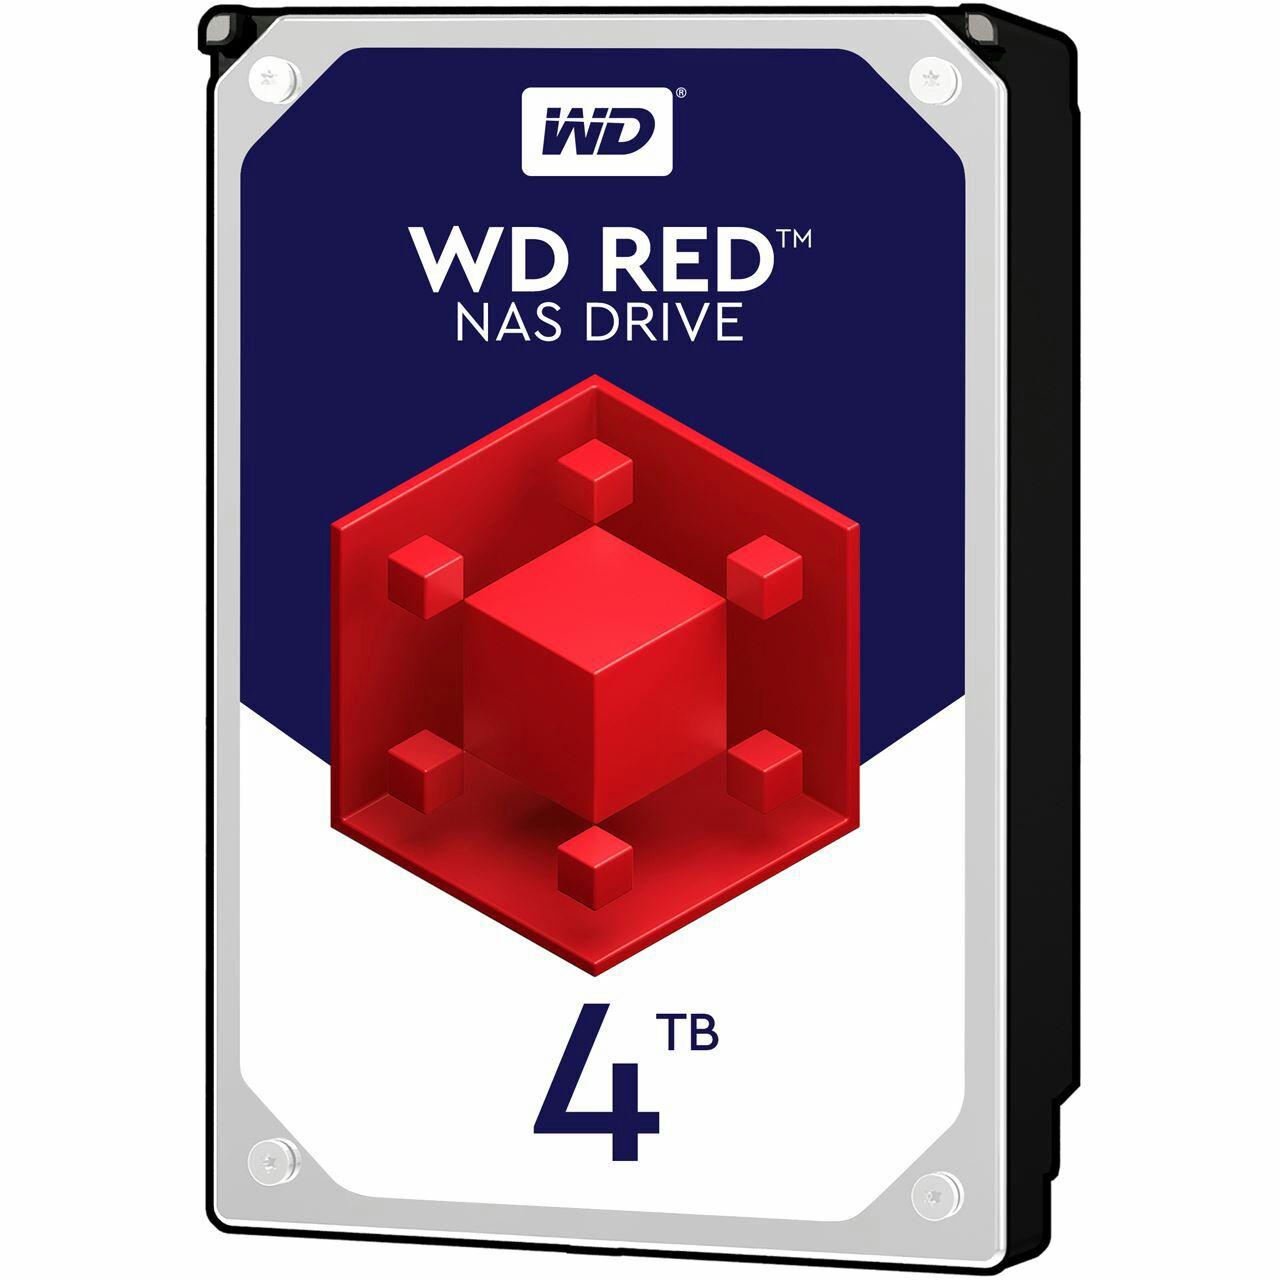 """2 x WD Red 4TB/4000GB NAS HDD 3.5"""" (WD40EFRX) Dealpreis nur Nachts von 0-6 Uhr"""